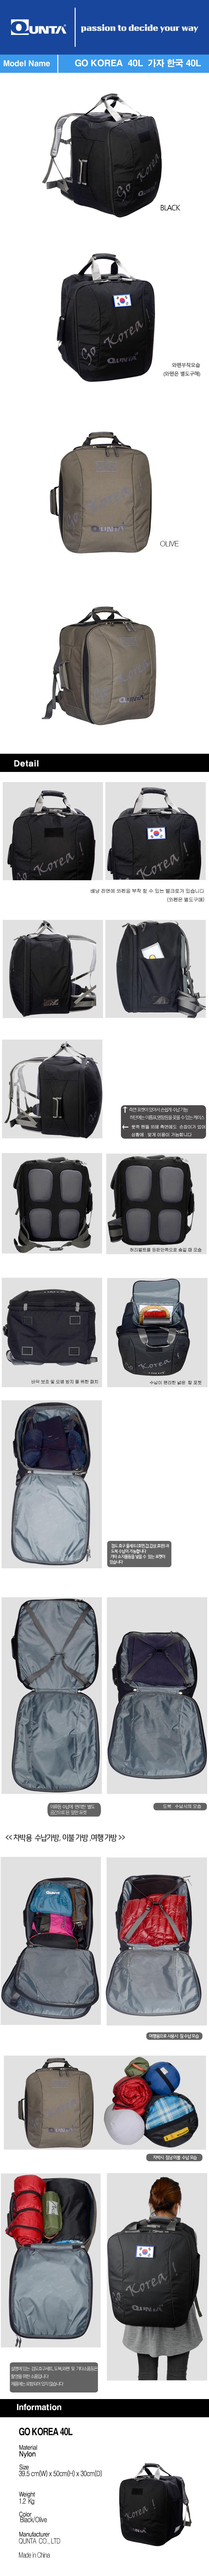 쿤타 가자 한국40L 백팩형 검도배낭 호구가방 여행가방